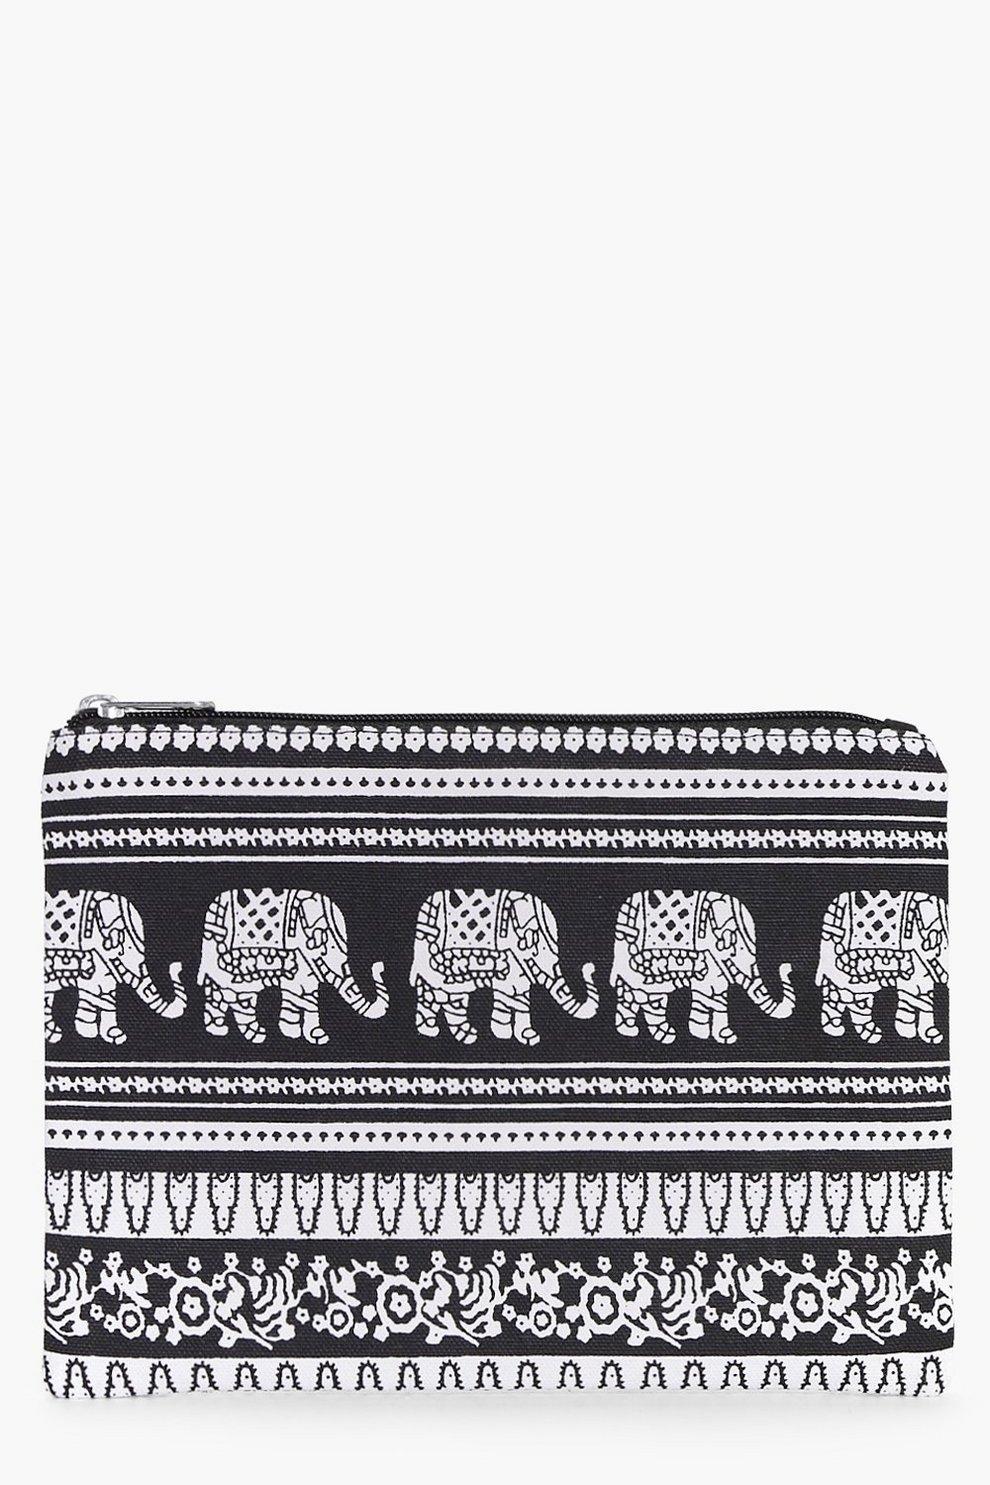 a7492a8543c9 Aztec Print Make Up Bag   Boohoo